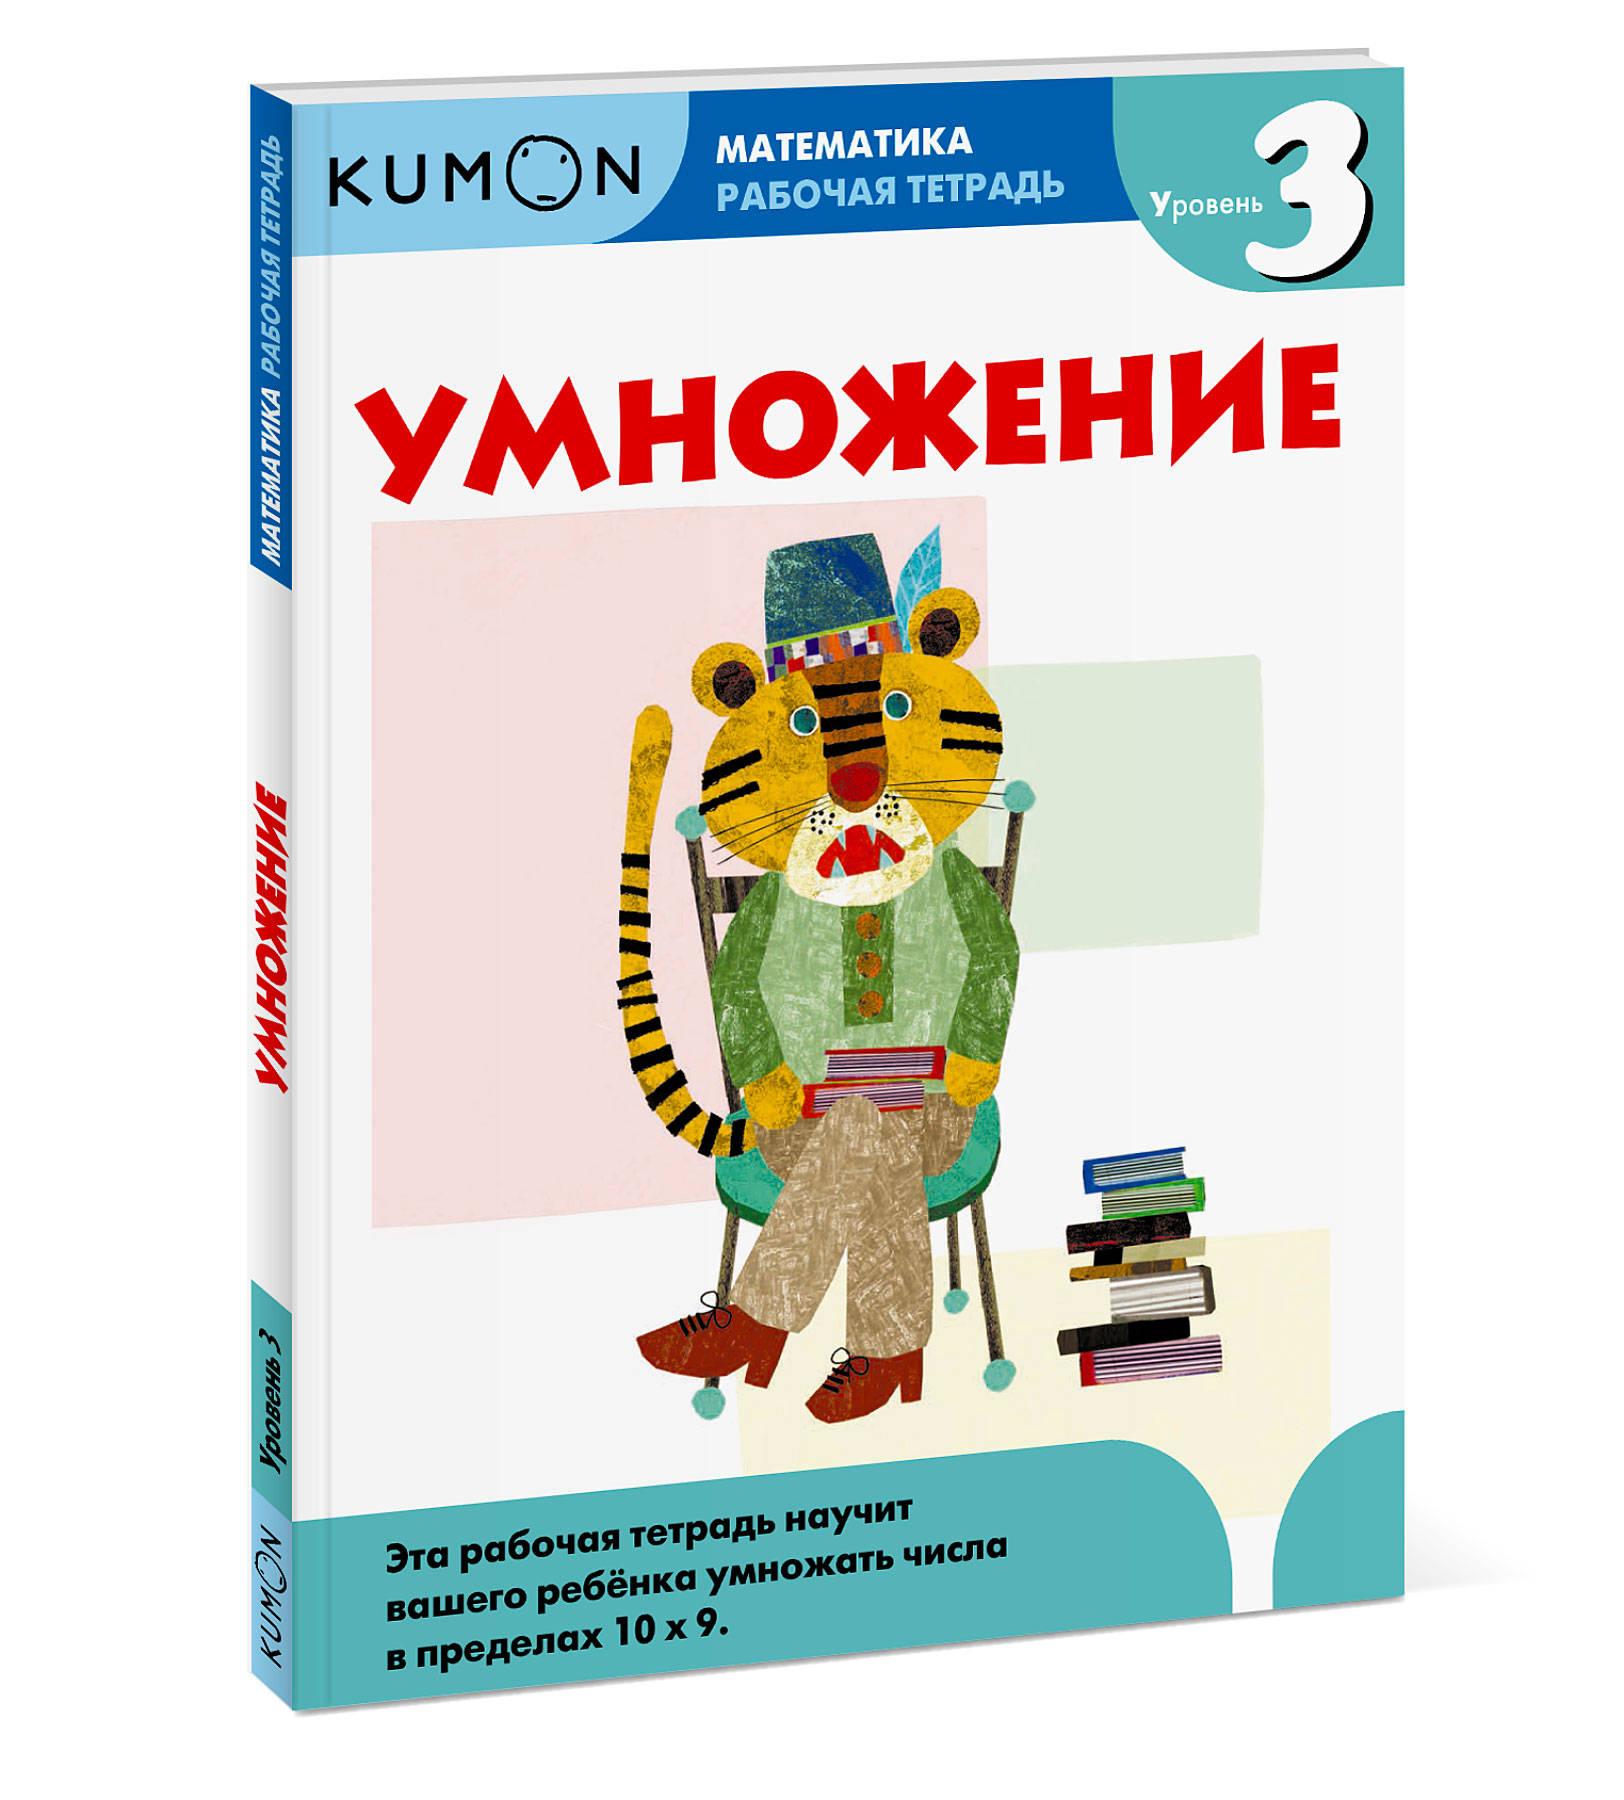 KUMON Математика. Умножение. Уровень 3 Kumon kumon математика умножение уровень 3 kumon